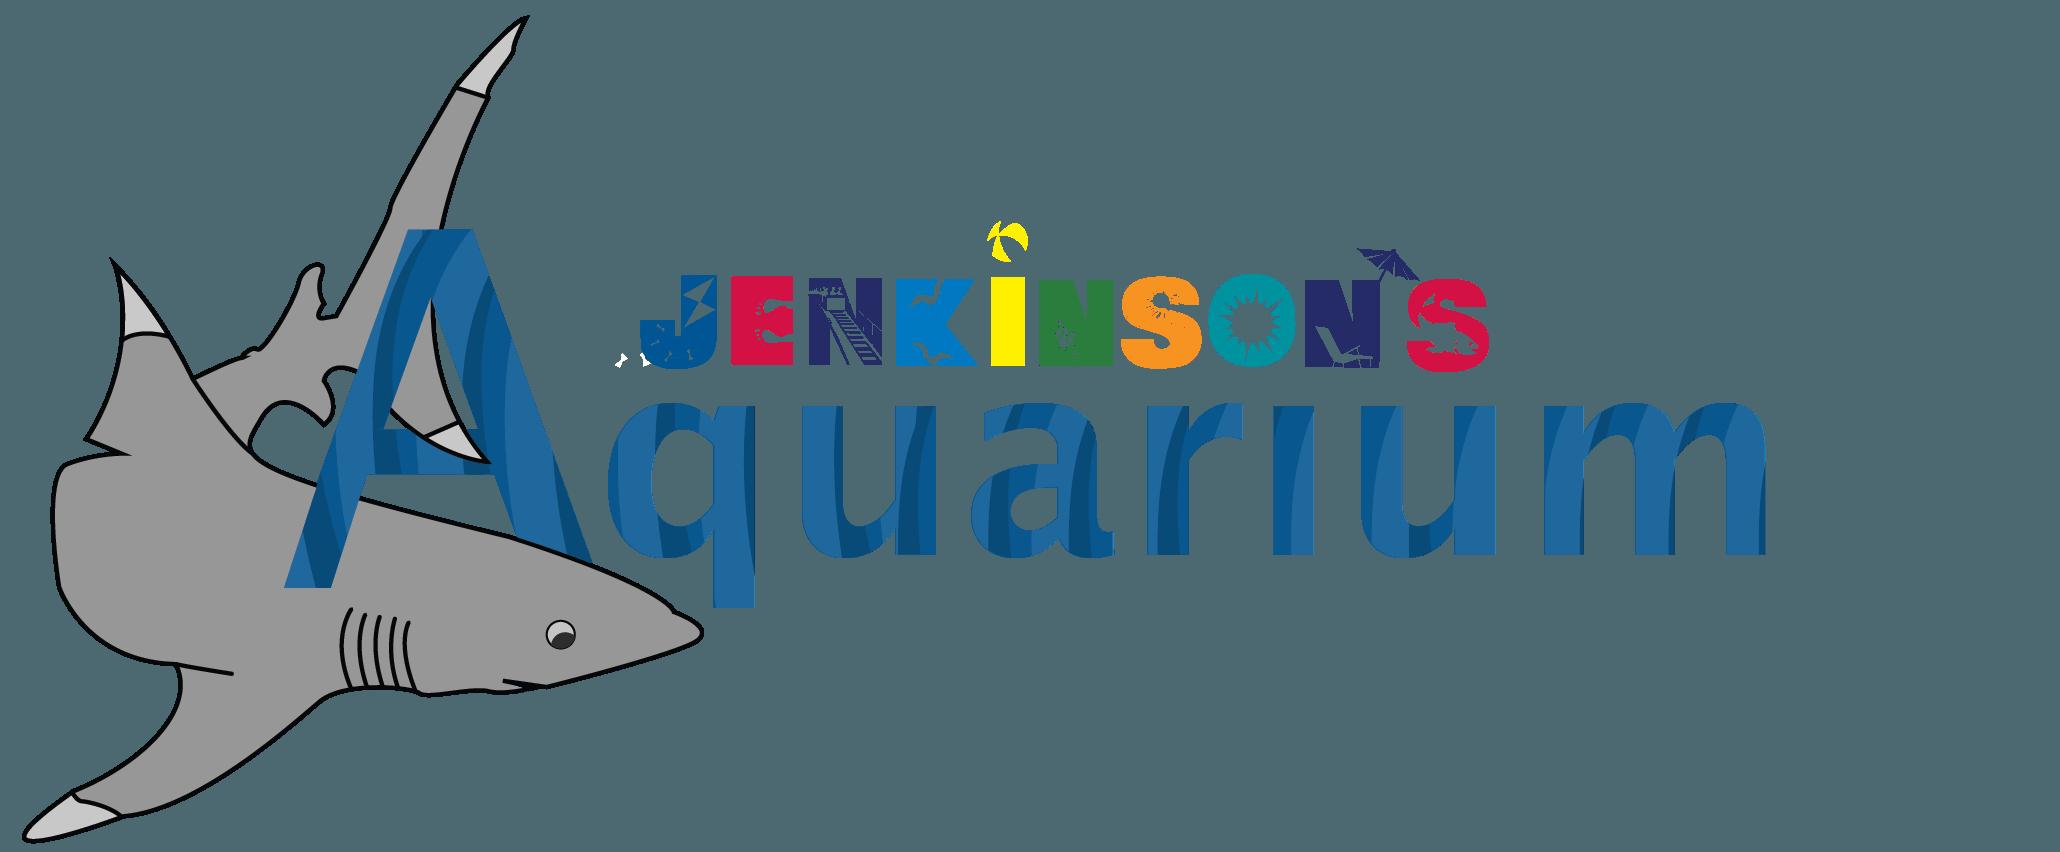 Clipart ocean logo. Aquarium point pleasant beach